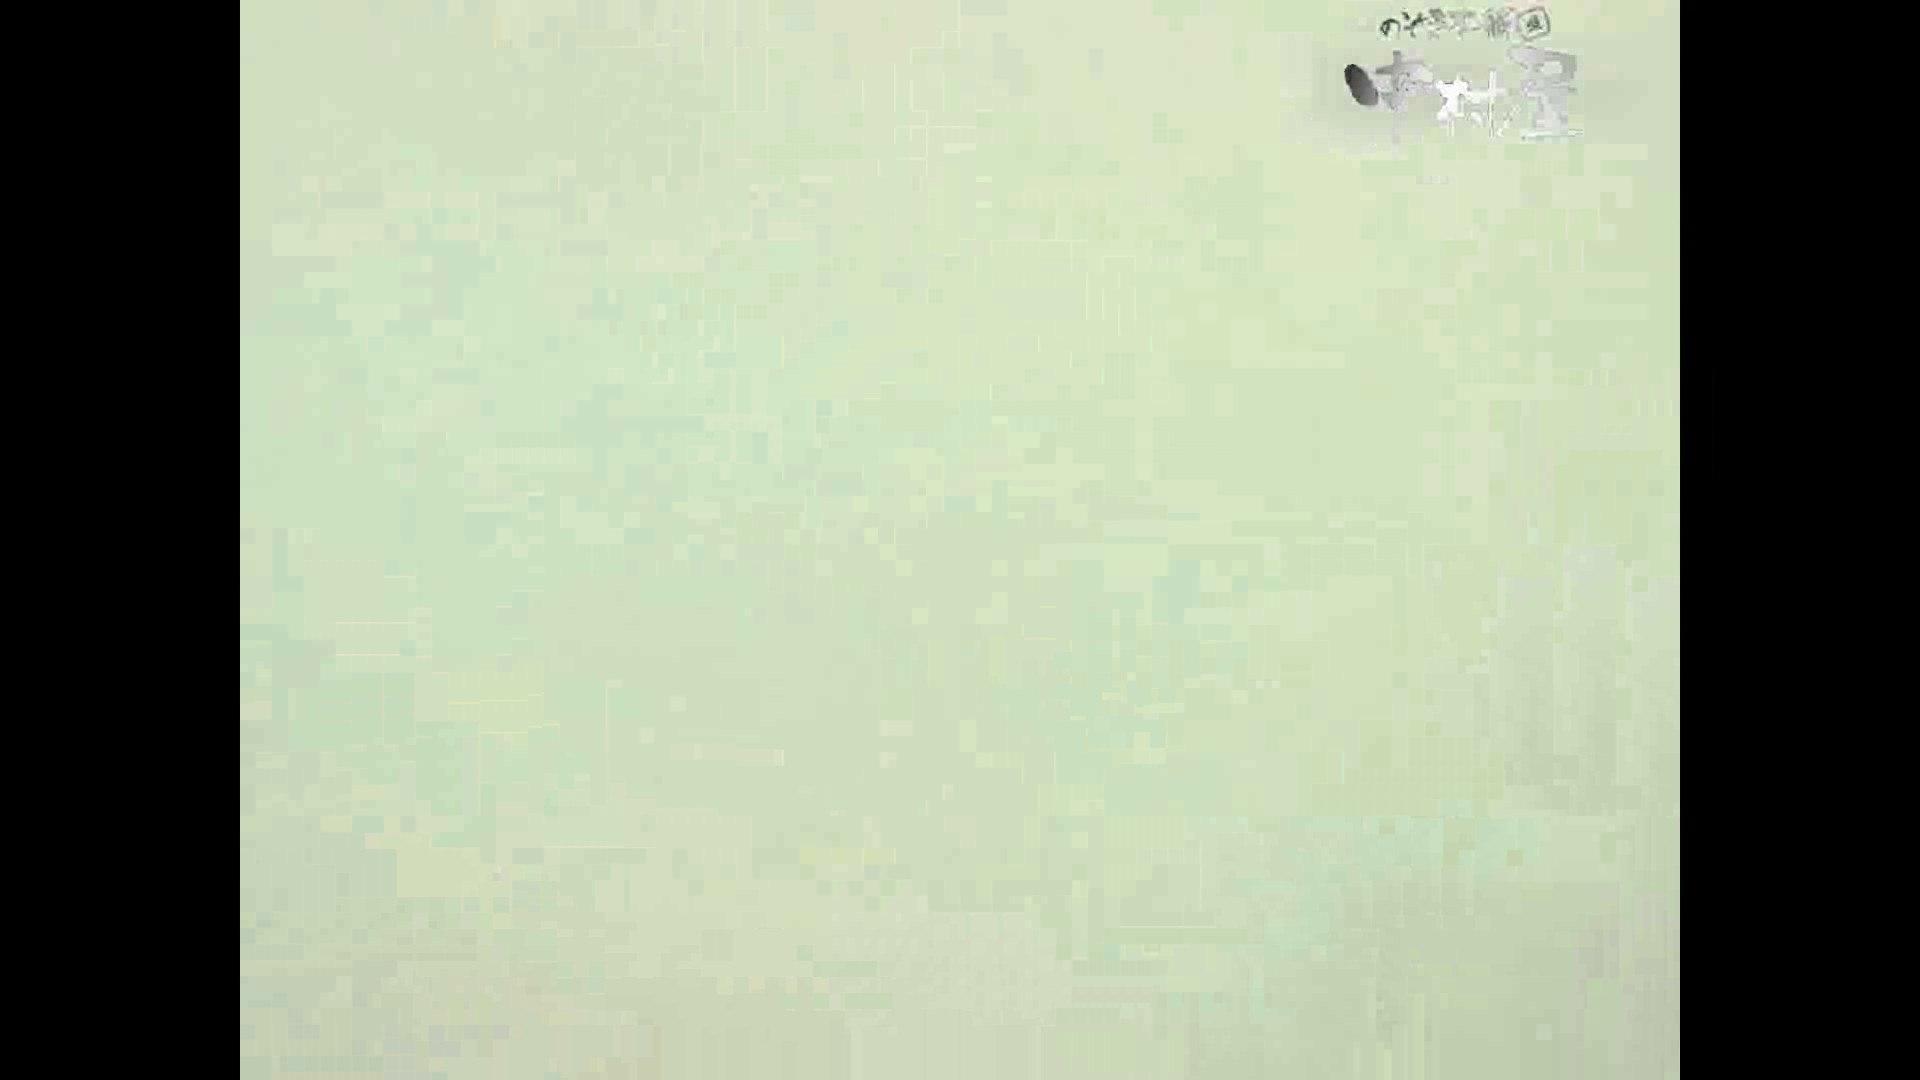 岩手県在住盗撮師盗撮記録vol.40 排泄編  87PIX 60